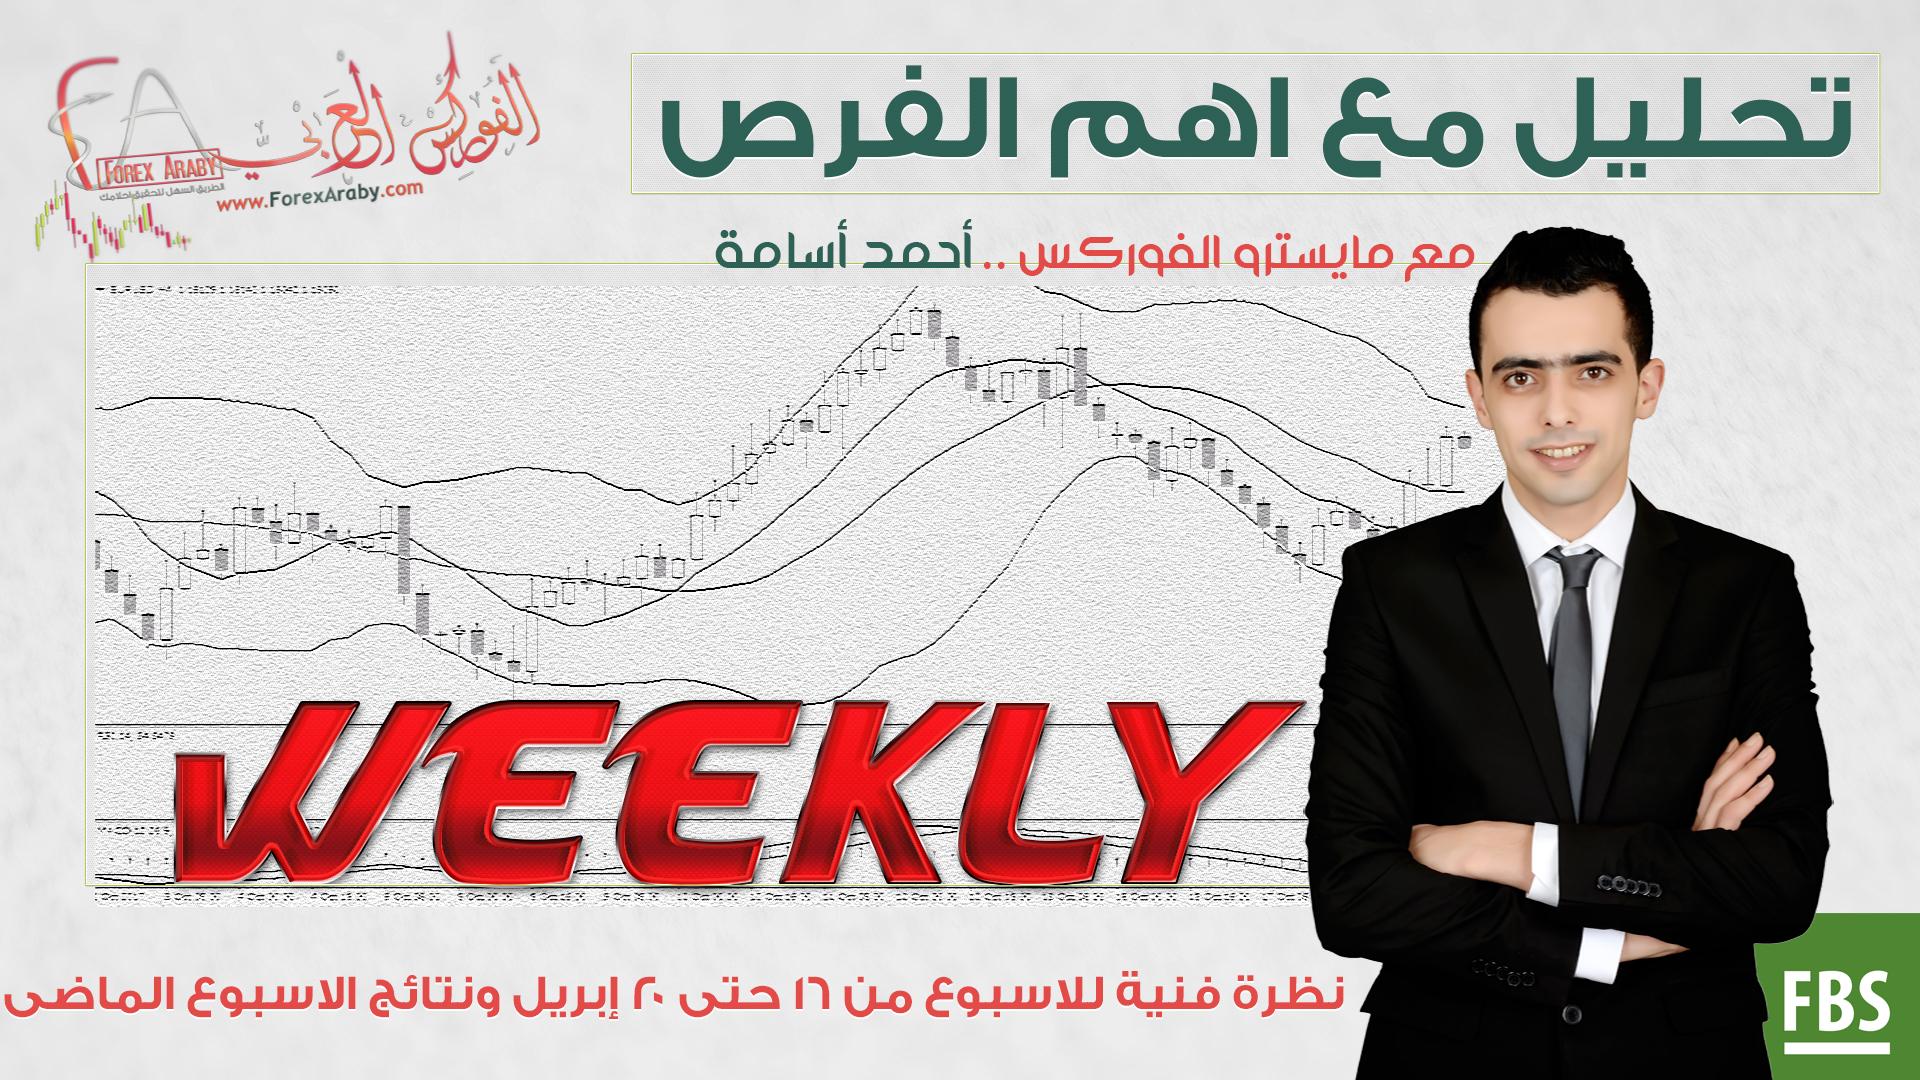 نظرة فنية للاسبوع من 16 حتى 20 إبريل ونتائج الاسبوع الماضى